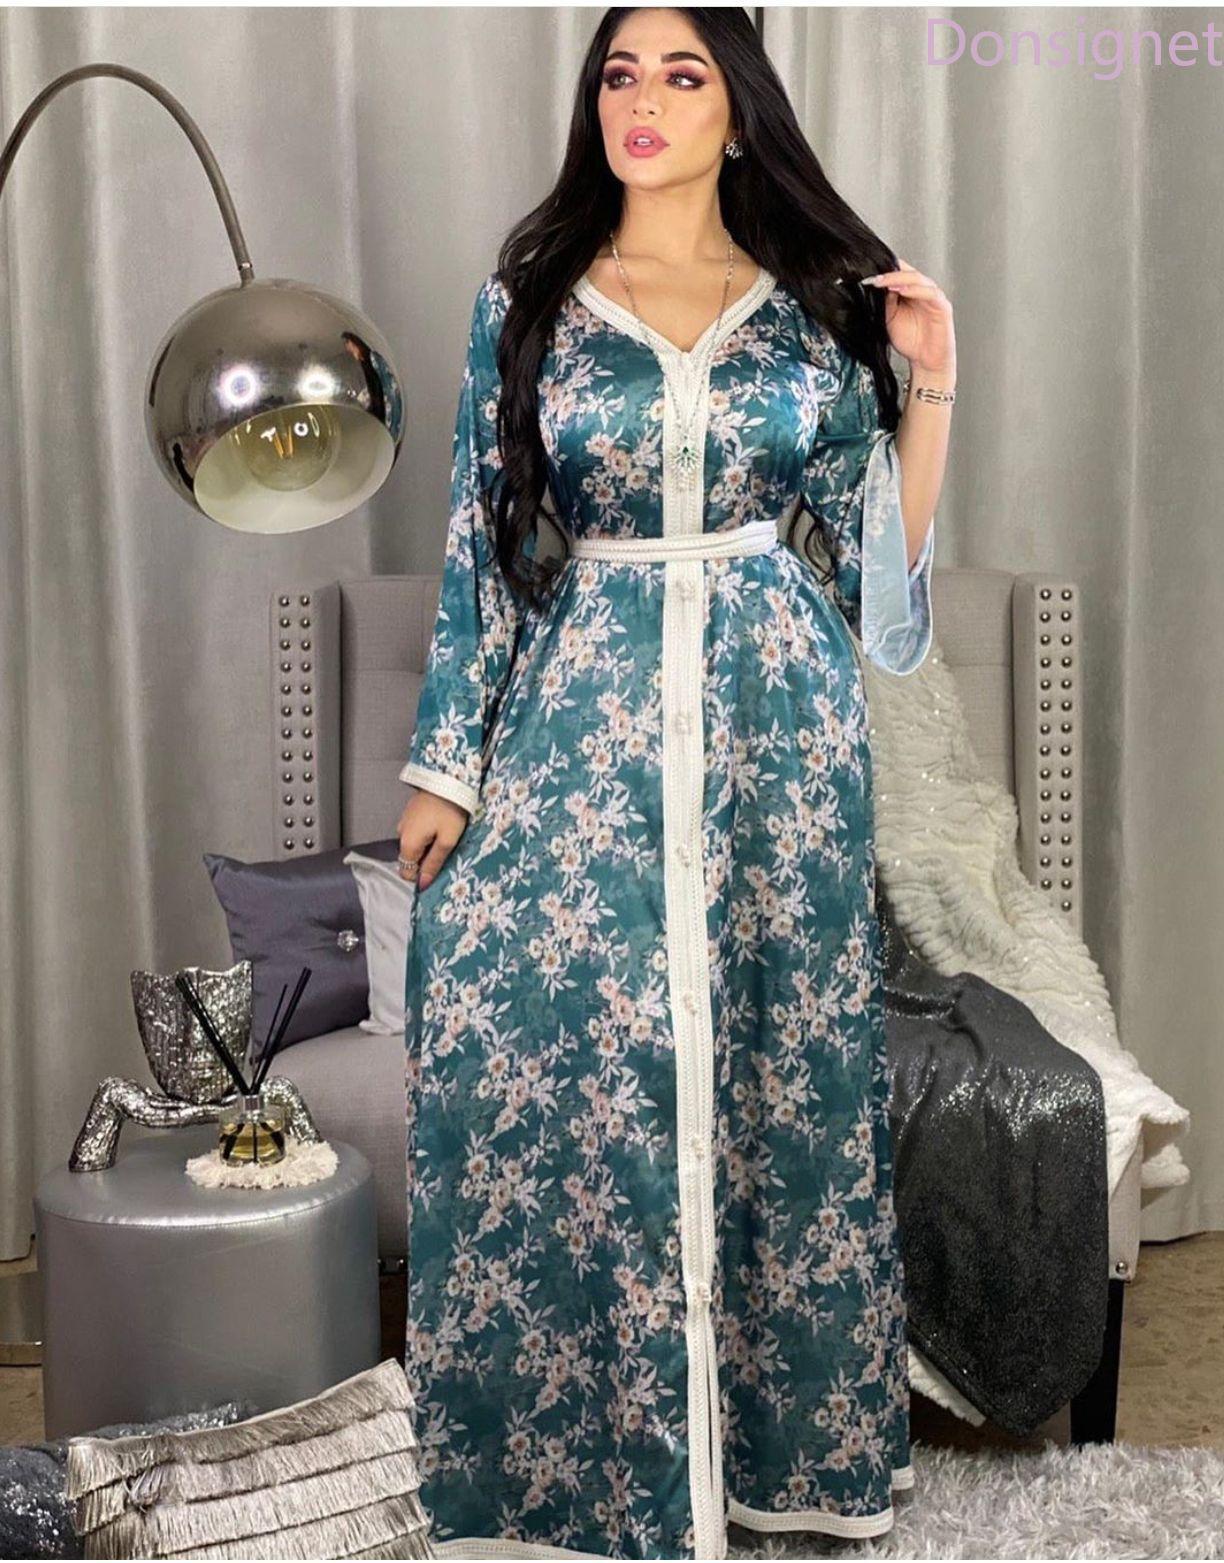 Donsinet-فستان طويل من الدانتيل المطبوع على الطراز الإسلامي ، أزياء إسلامية ، الشرق الأوسط ، دبي ، تركيا ، عباية ، حزام